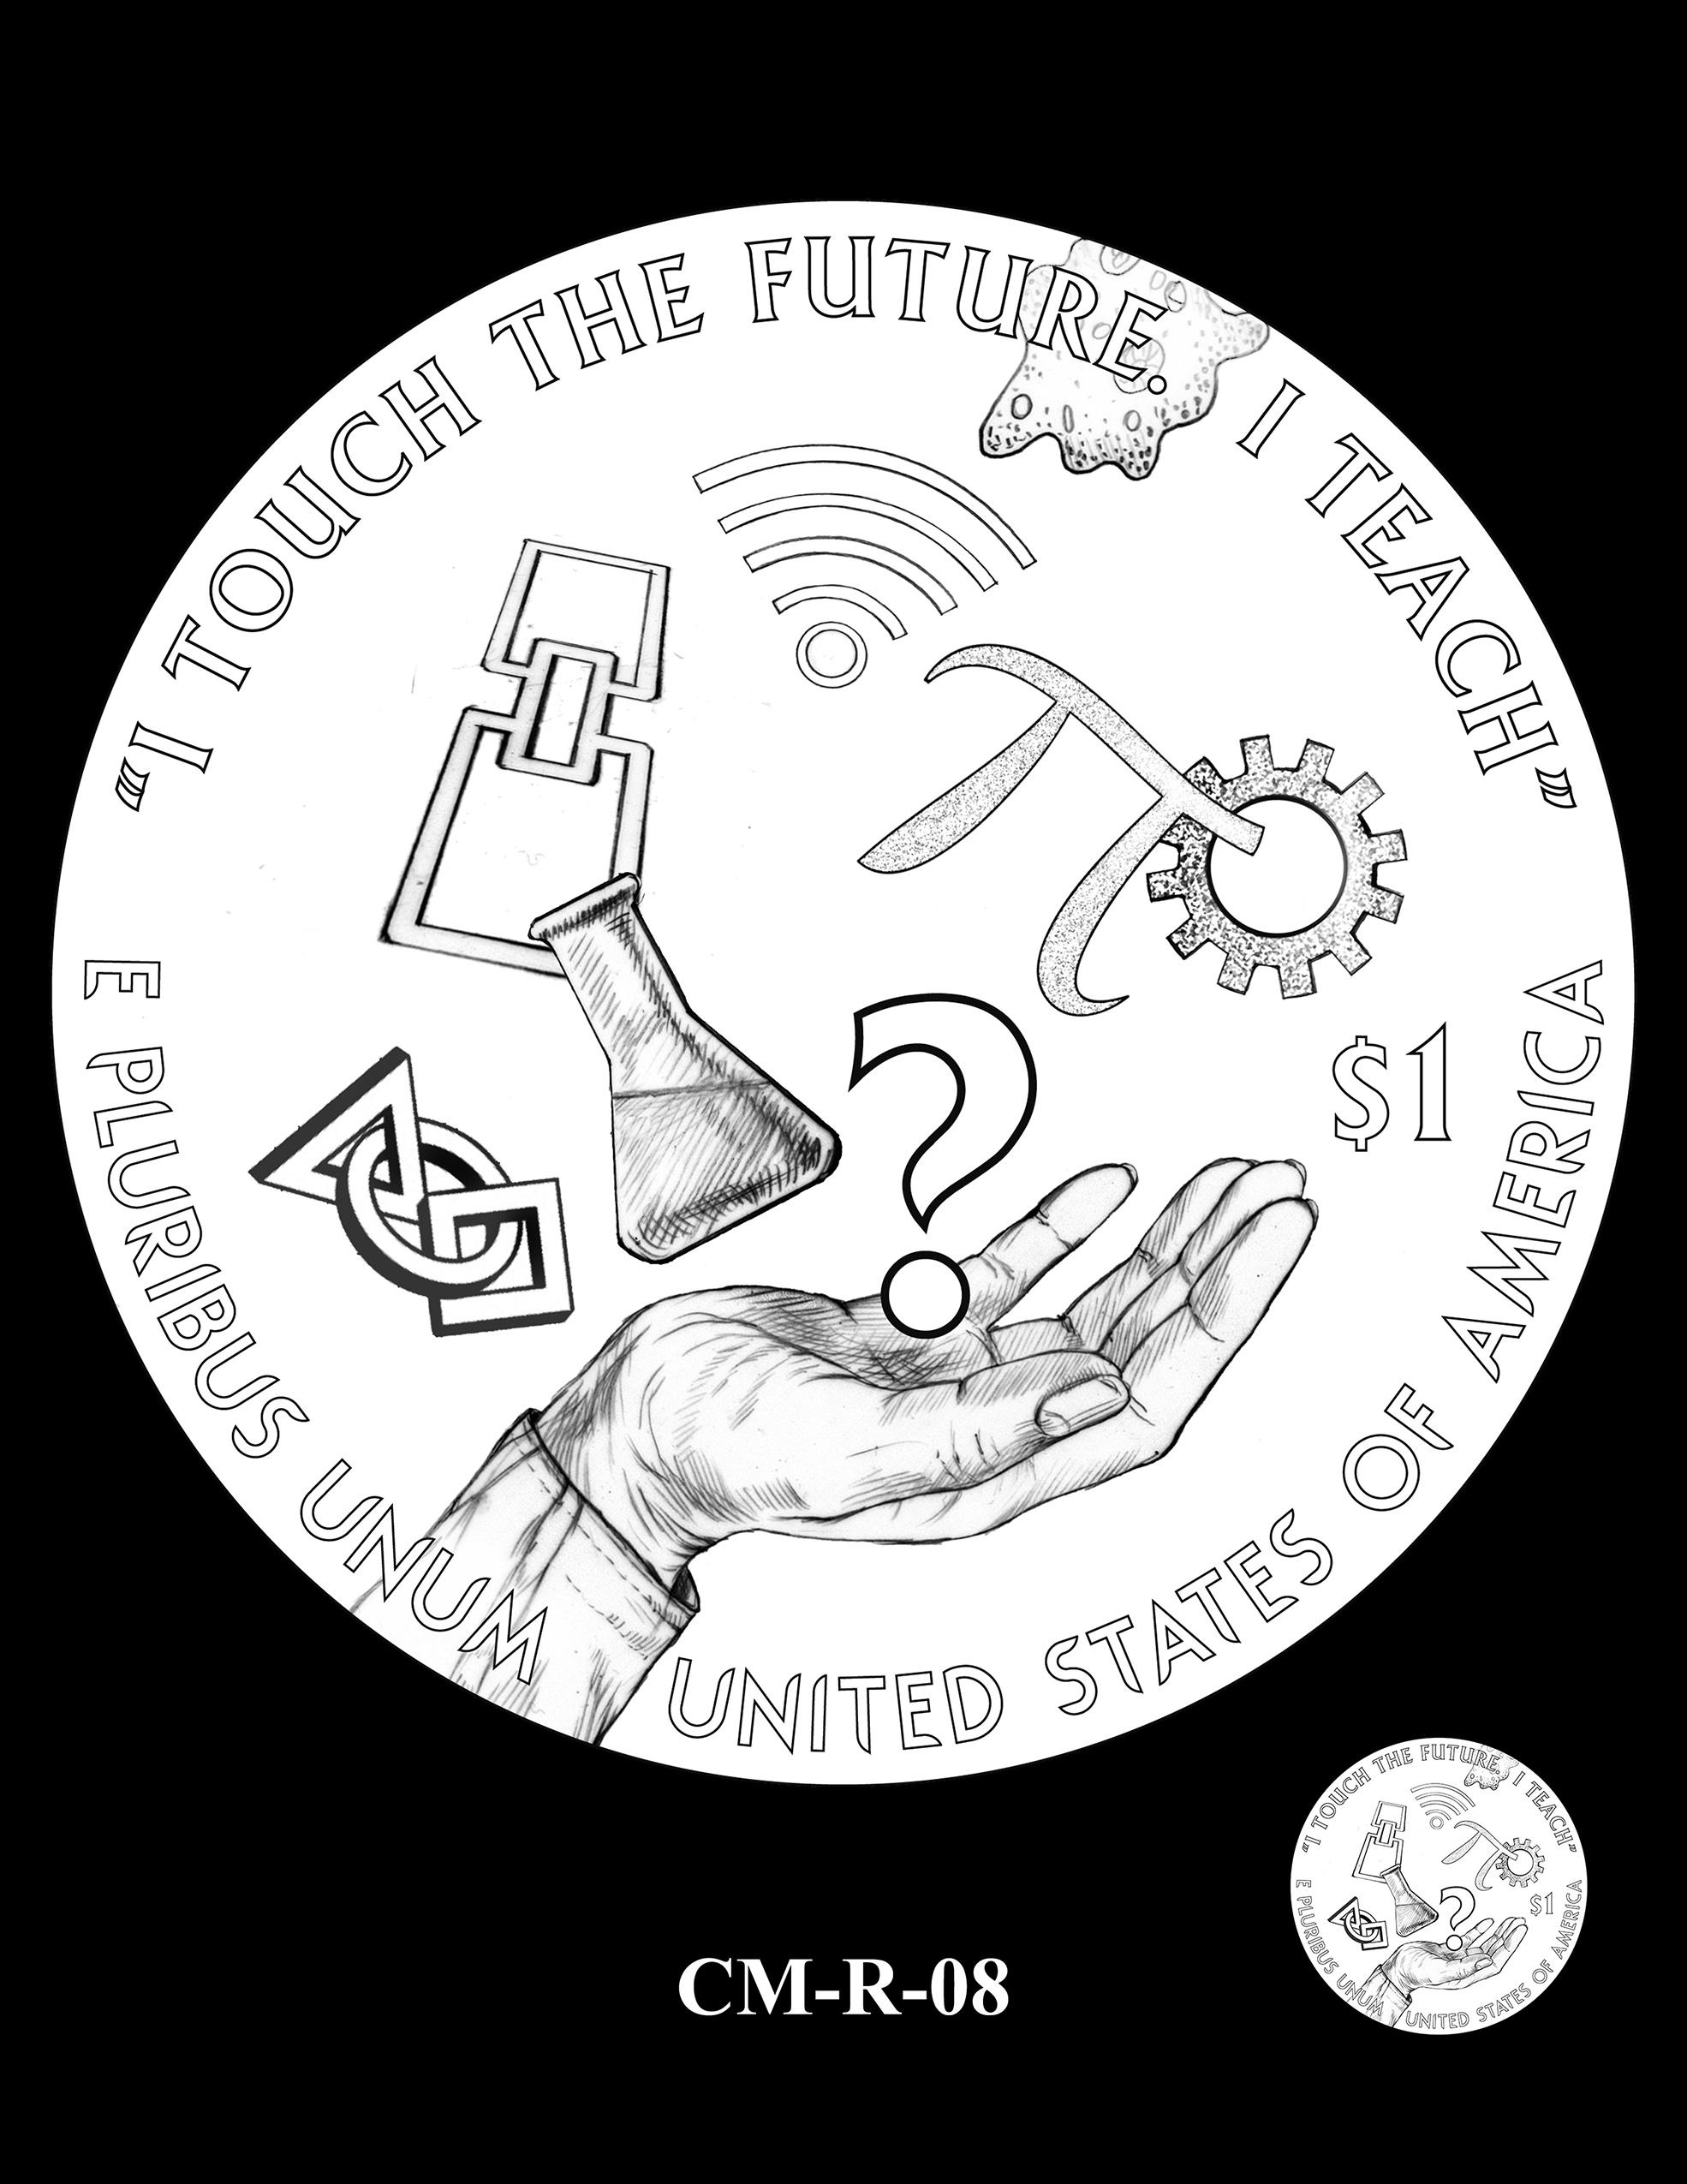 CM-R-08 -- 2021 Christa McAuliffe Commemorative Coin